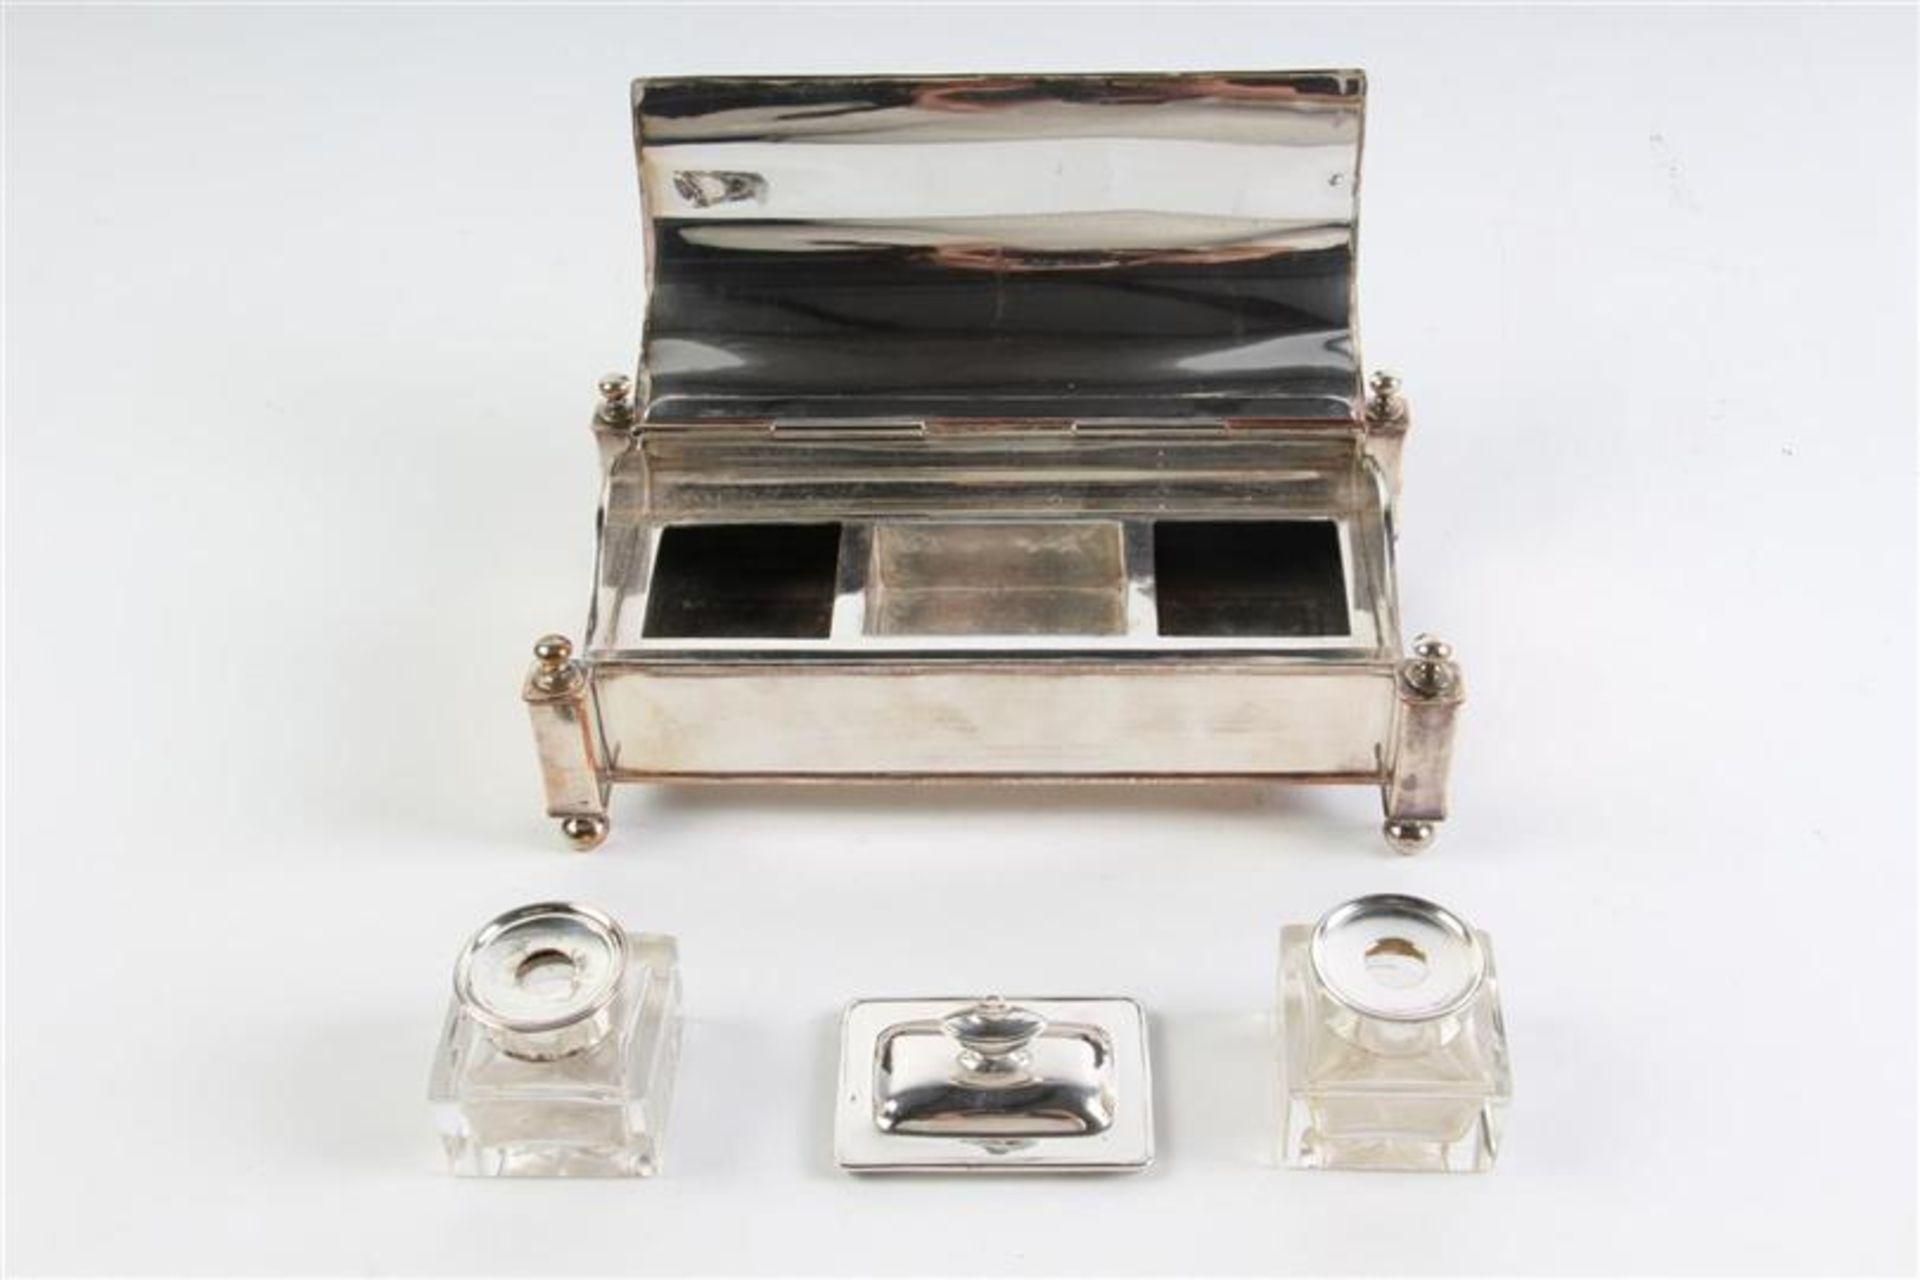 Los 8 - Verzilverd inktstel op bolpootjes met scharnierend deksel. HxBxD: 9 x 20 x 11 cm.